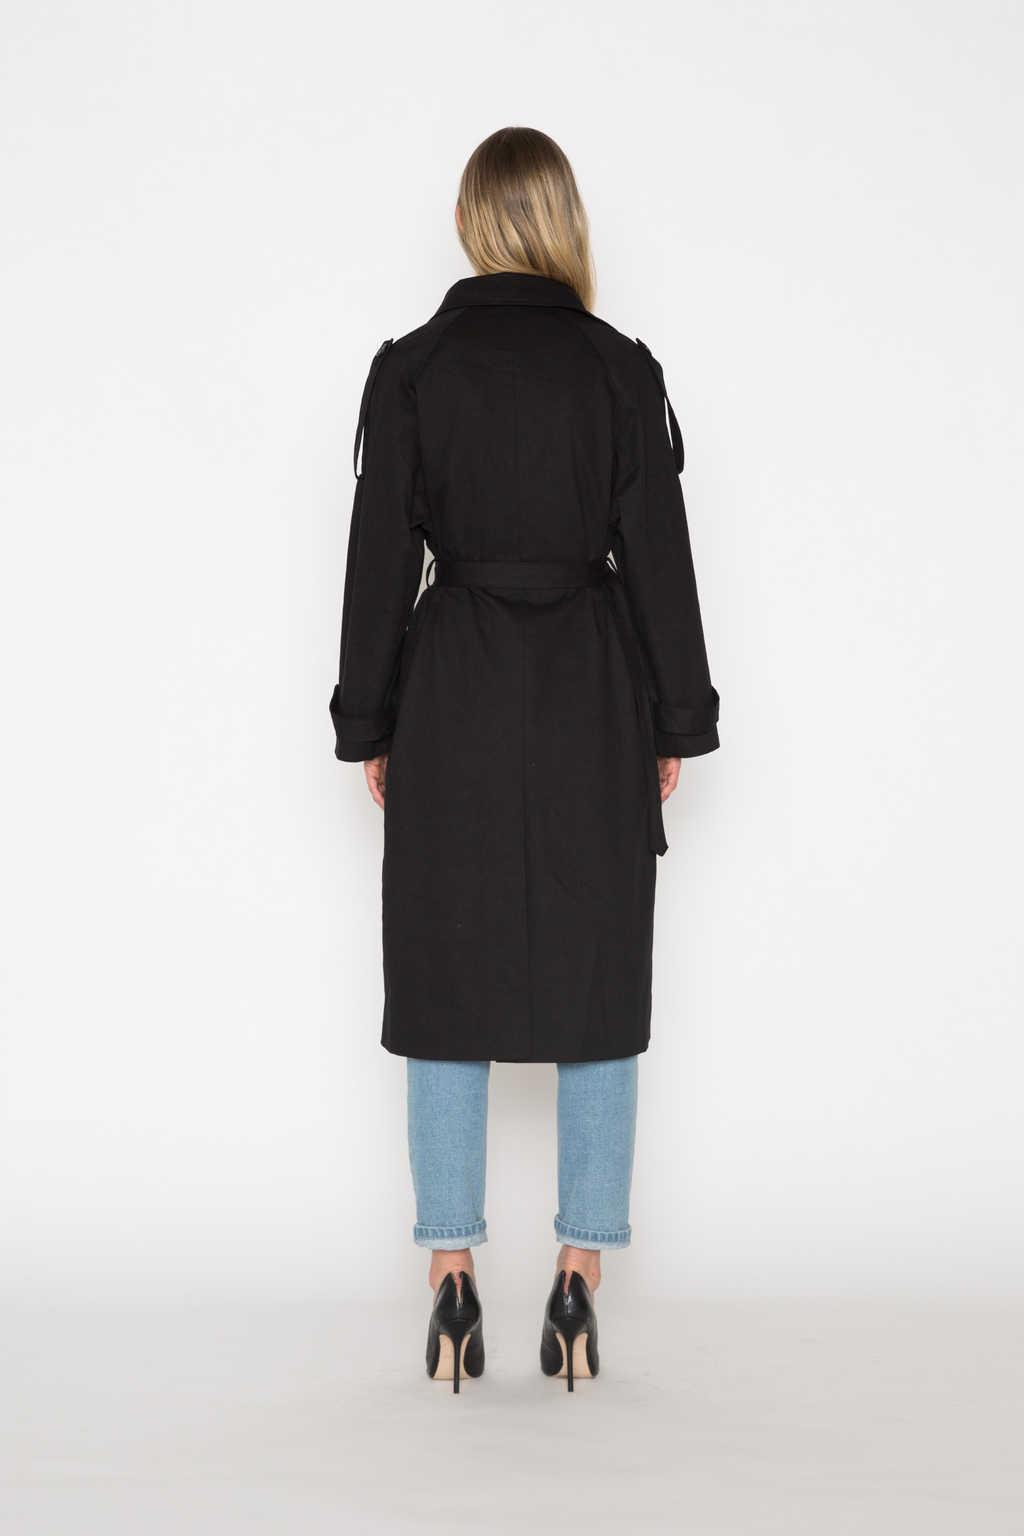 Coat H073 Black 4